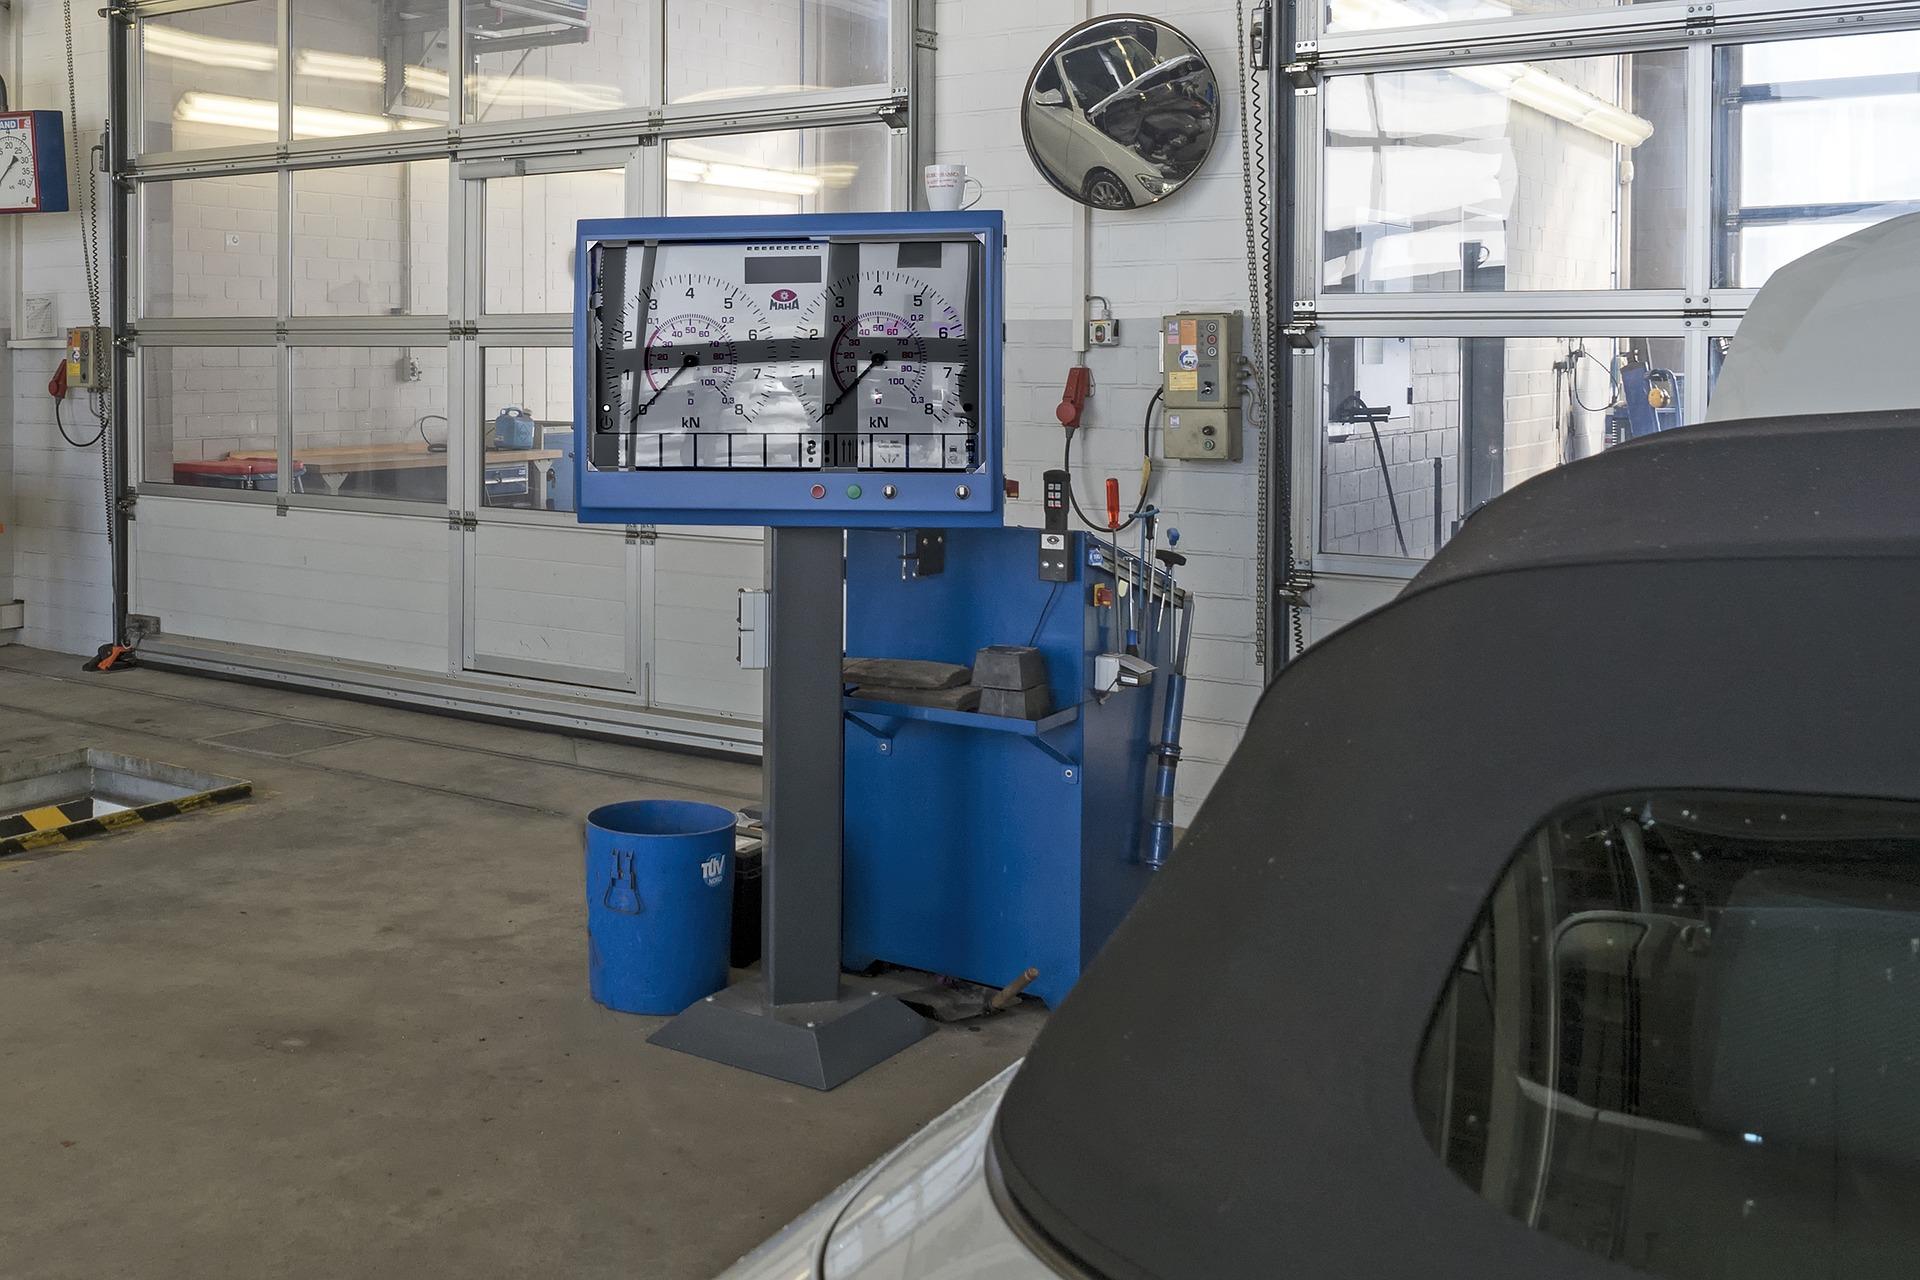 Przegląd techniczny auta i nowe przepisy – zmiany w zasadach i opłatach!  - Zdjęcie główne